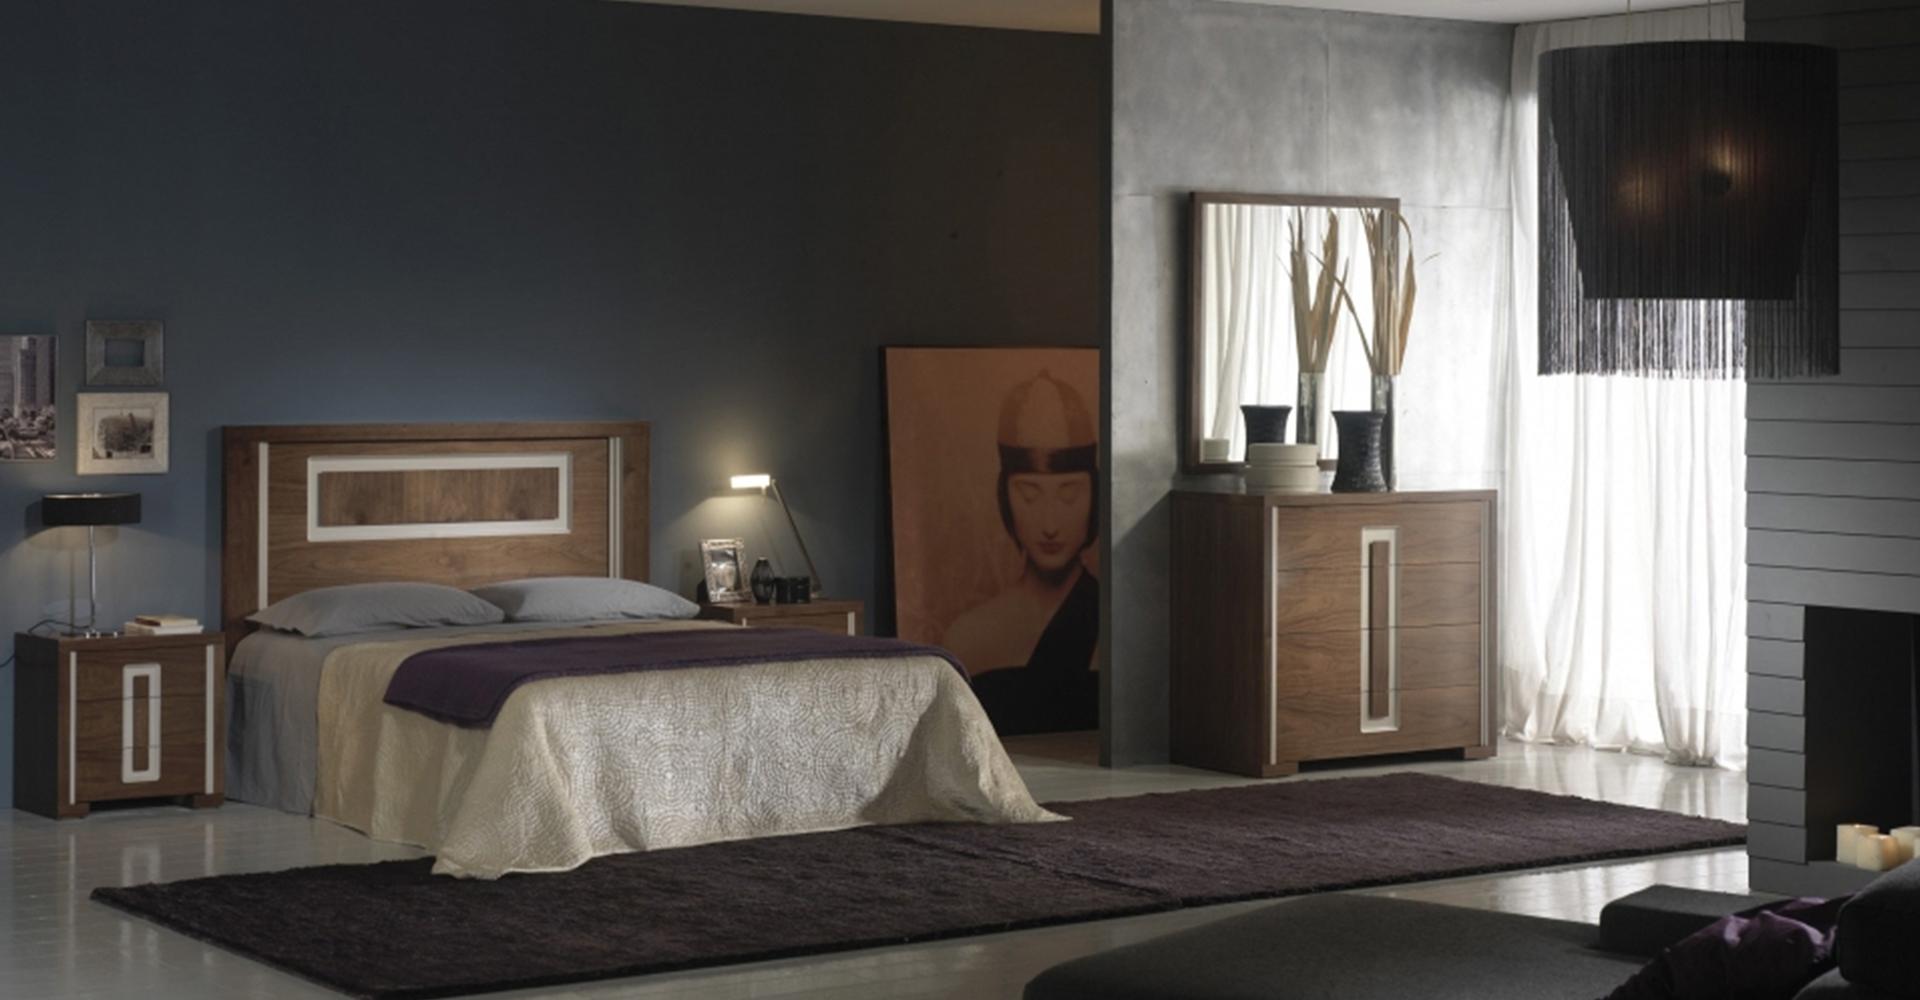 dormitorio de estilo contemporaneo (66)